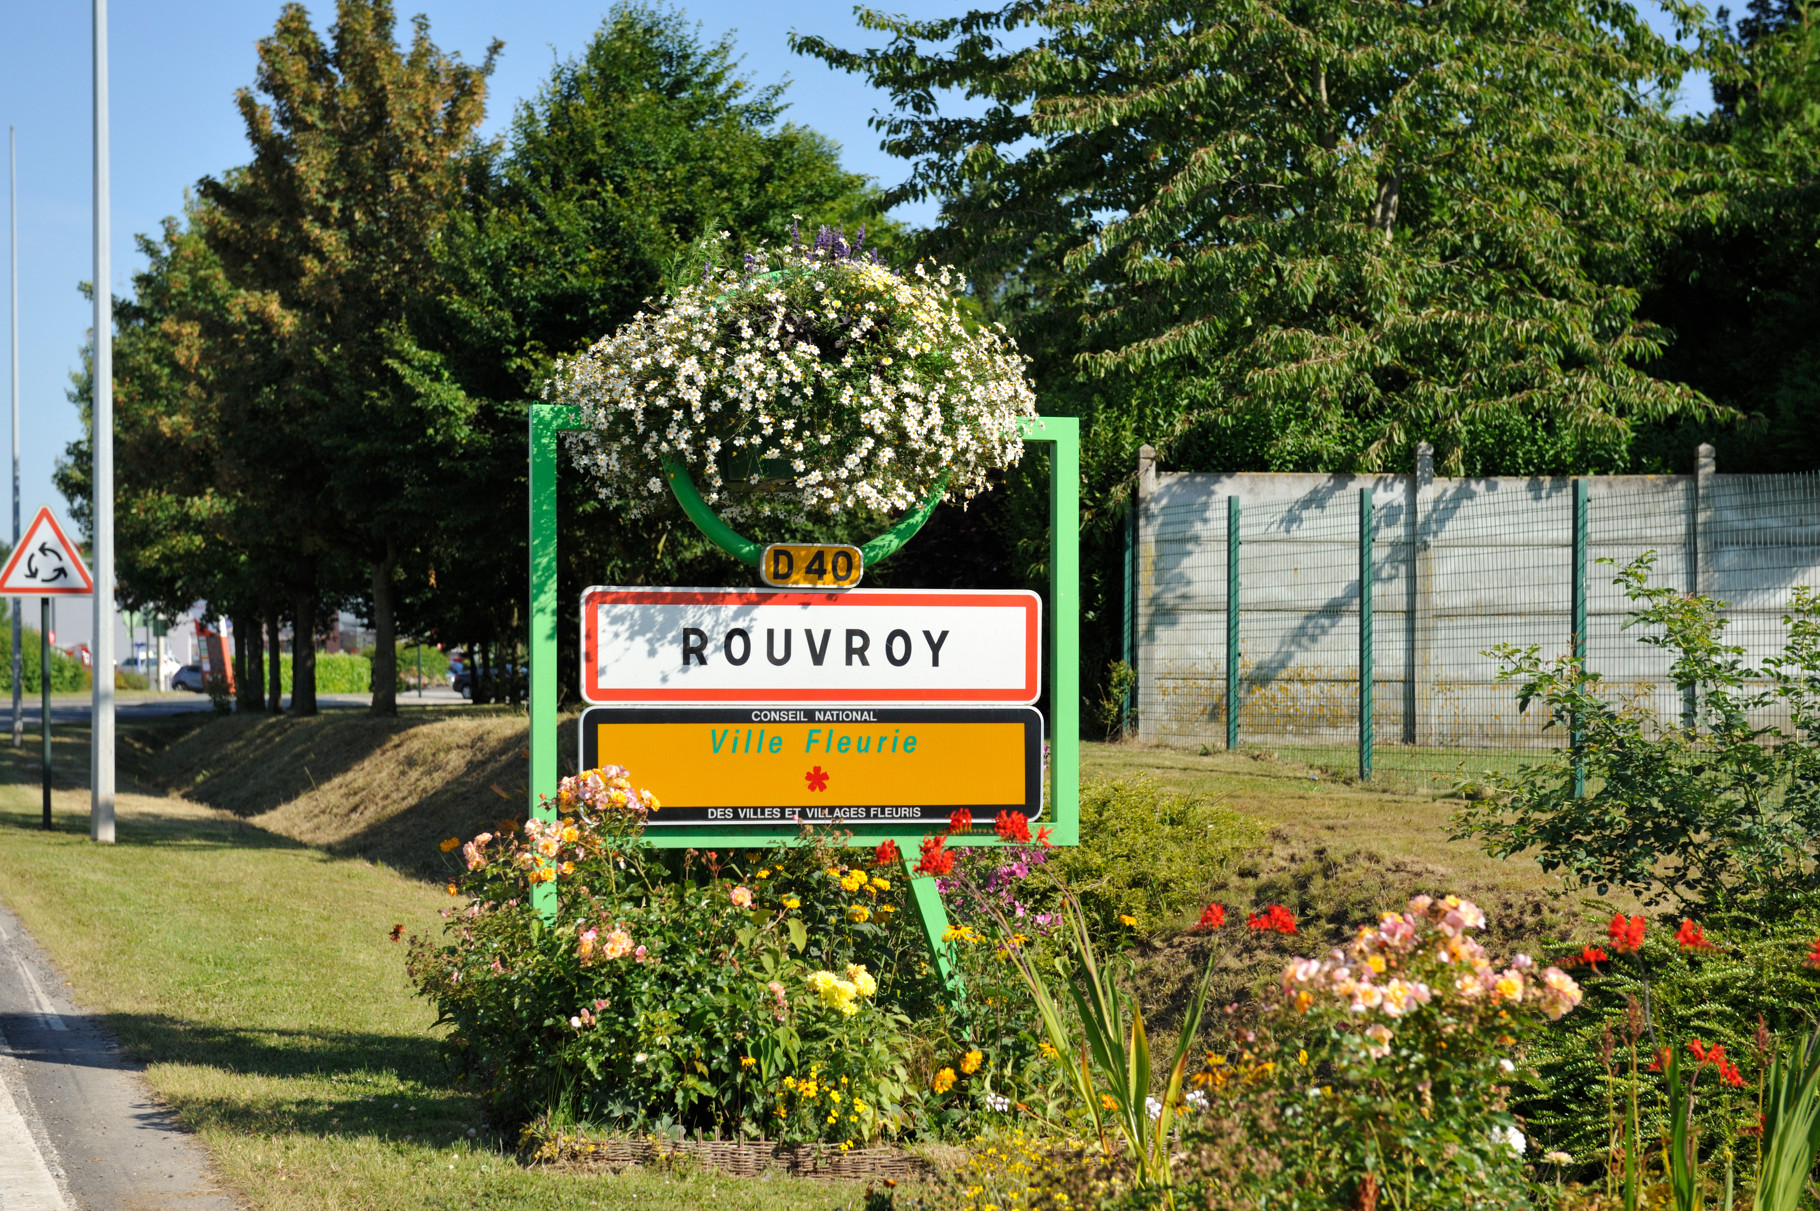 Panneau « Villes et Villages Fleuris » de Rouvroy, ville « 1 Fleur » par Richard Soberka